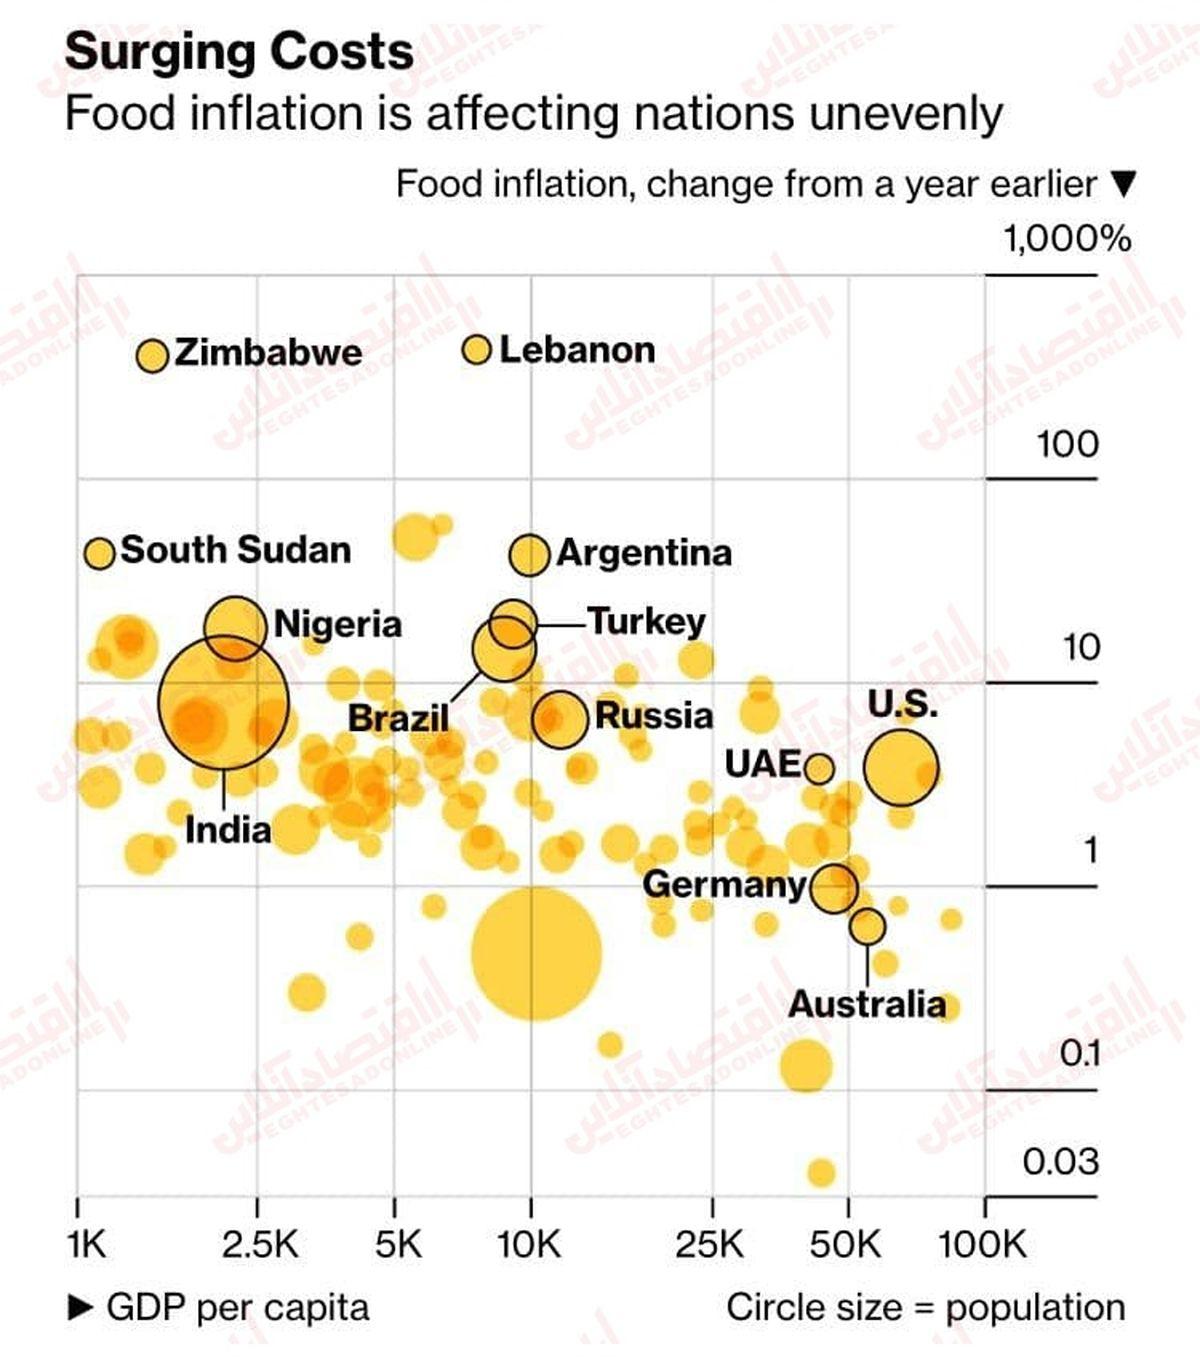 قیمت مواد غذایی مردم کدام کشورها را نگران کرده است؟